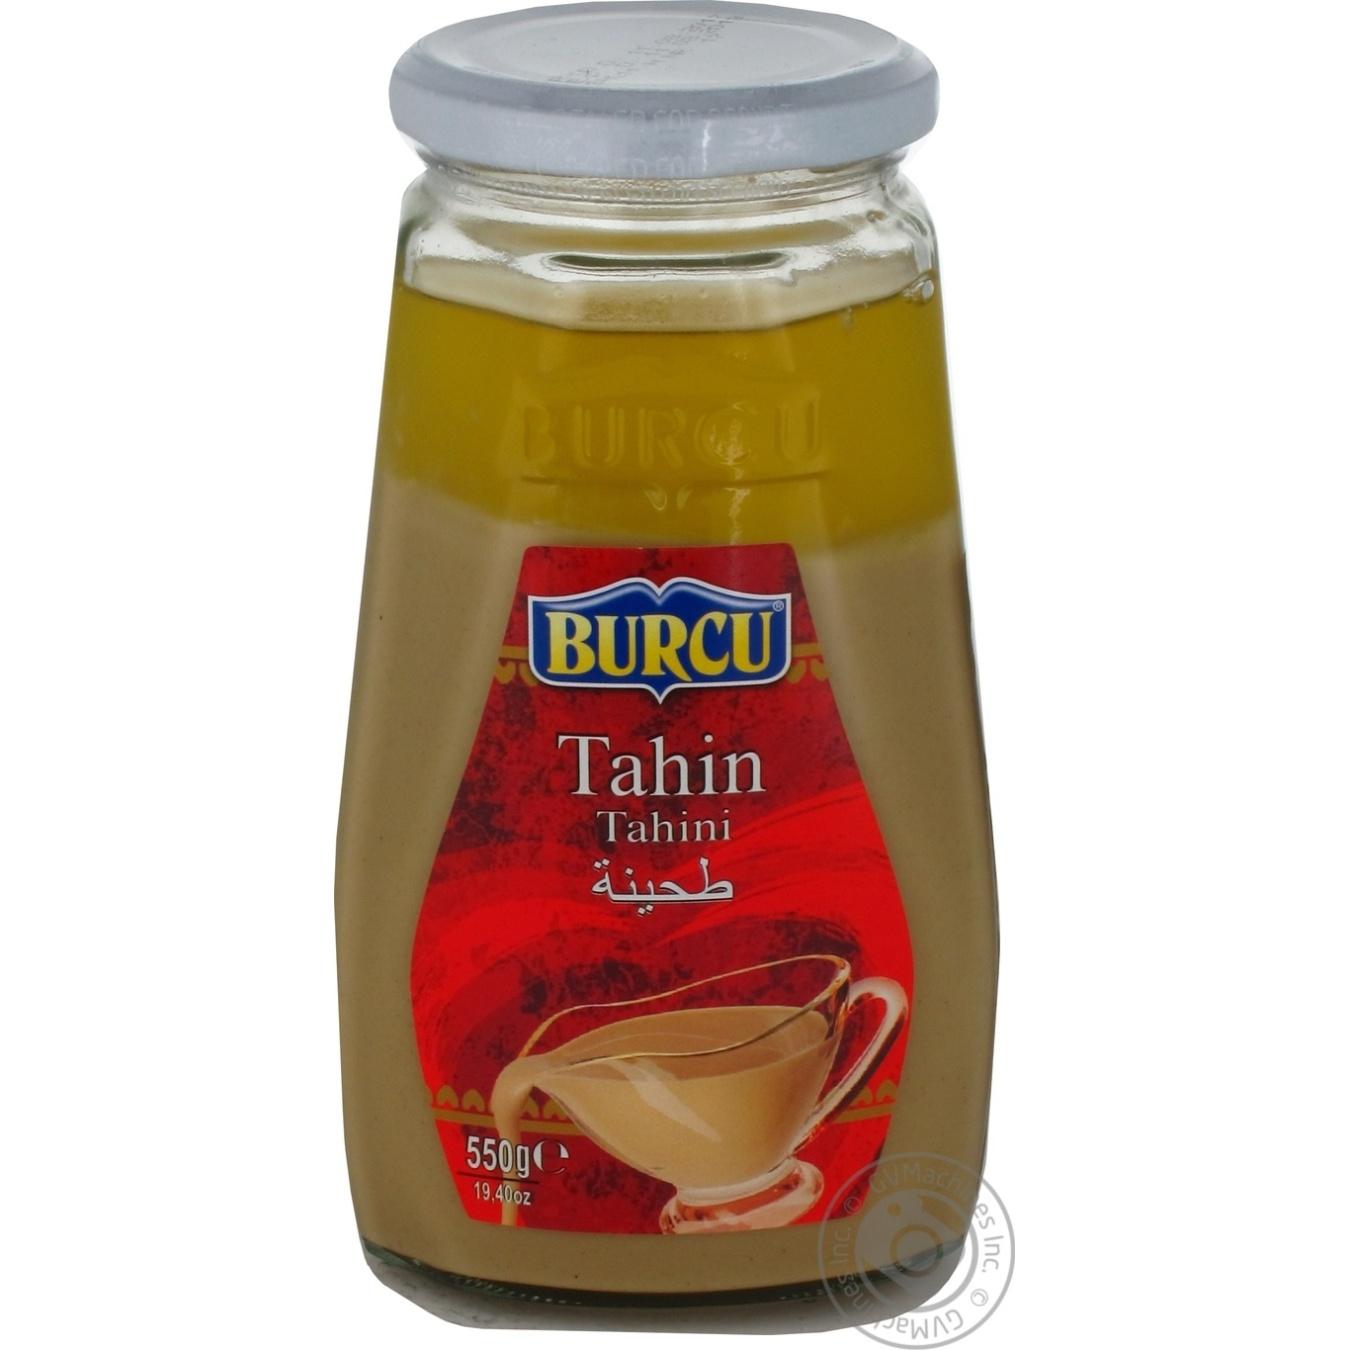 Купить Тахин Burcu кунжутная паста 550г